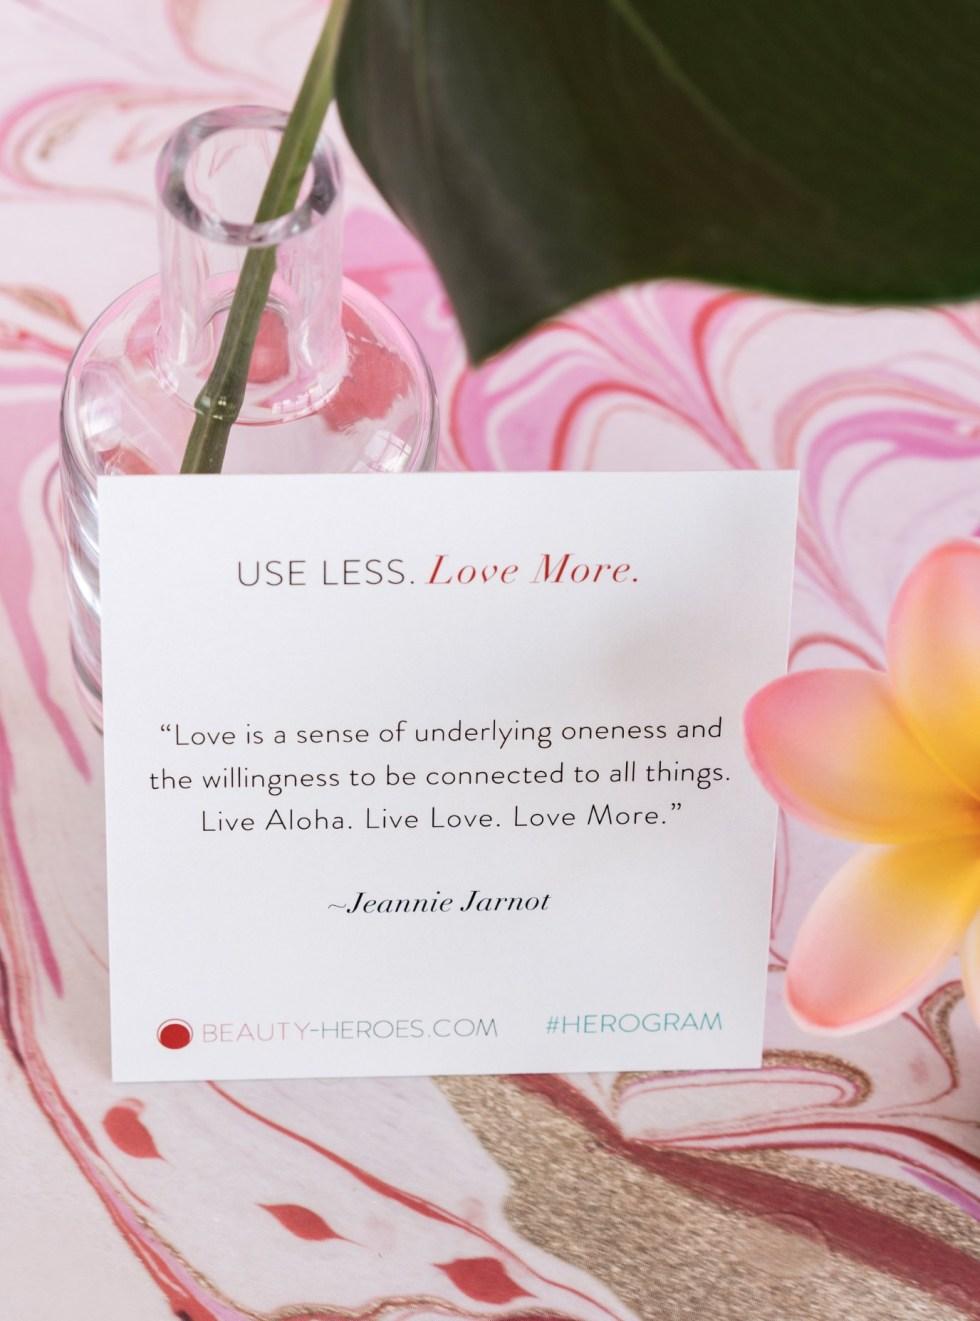 Jeannie Beauty Heroes Card.jpg